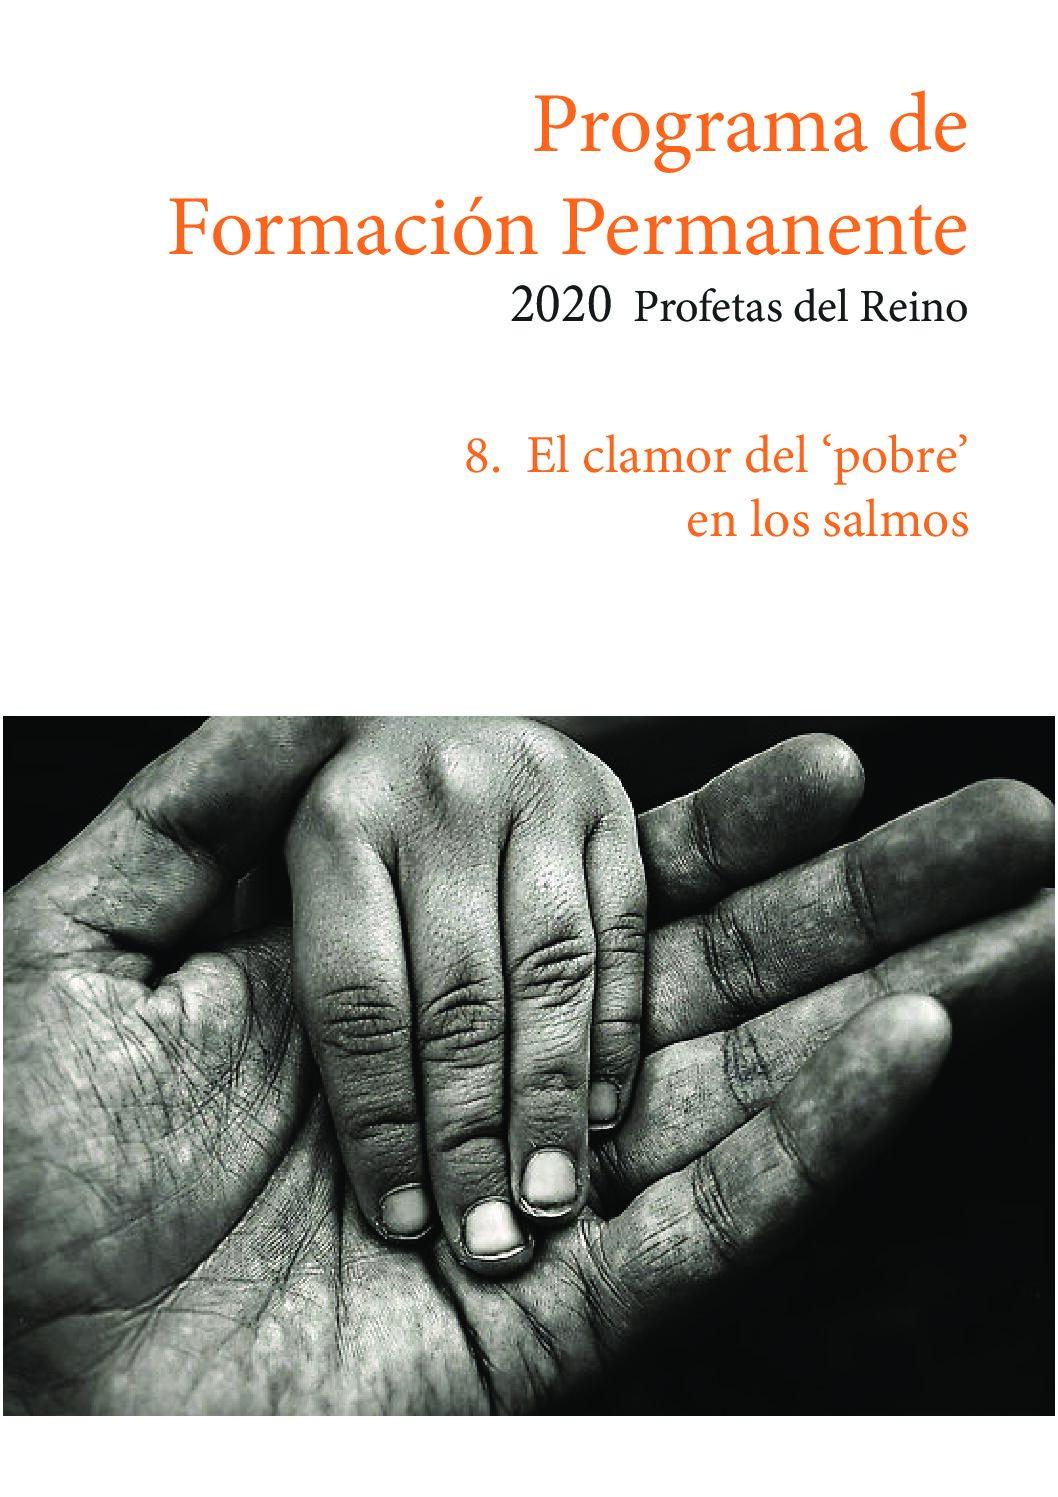 8.-El-clamor-del-pobre-en-los-salmos-pdf1.jpg